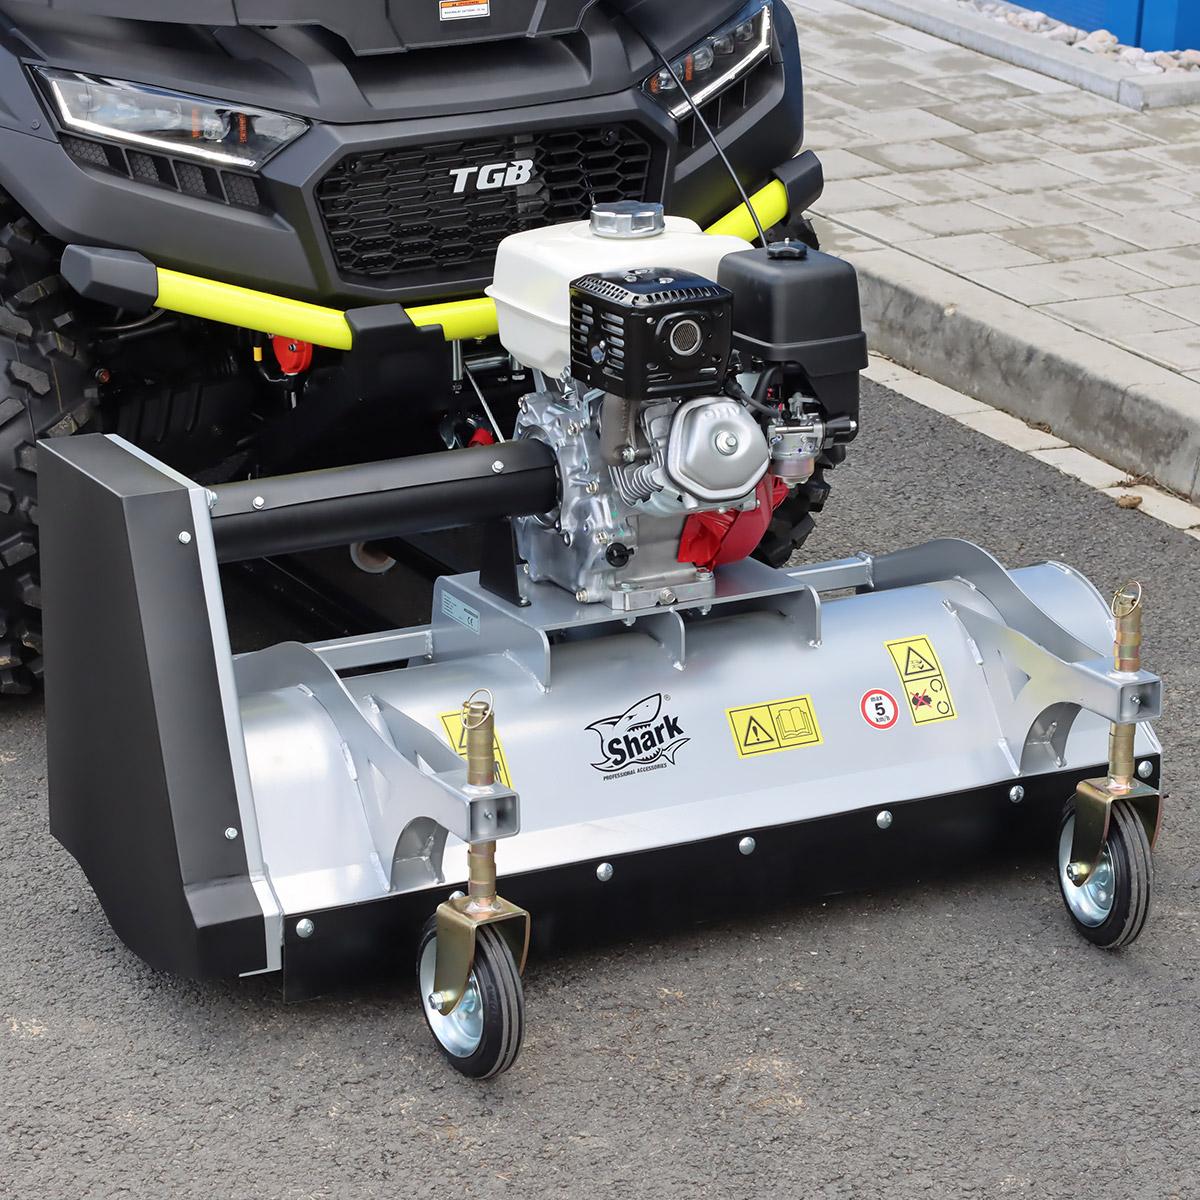 SHARK ATV čelní mulčovač 100cm s  motorem  HONDA GX 270, stříbrná barva